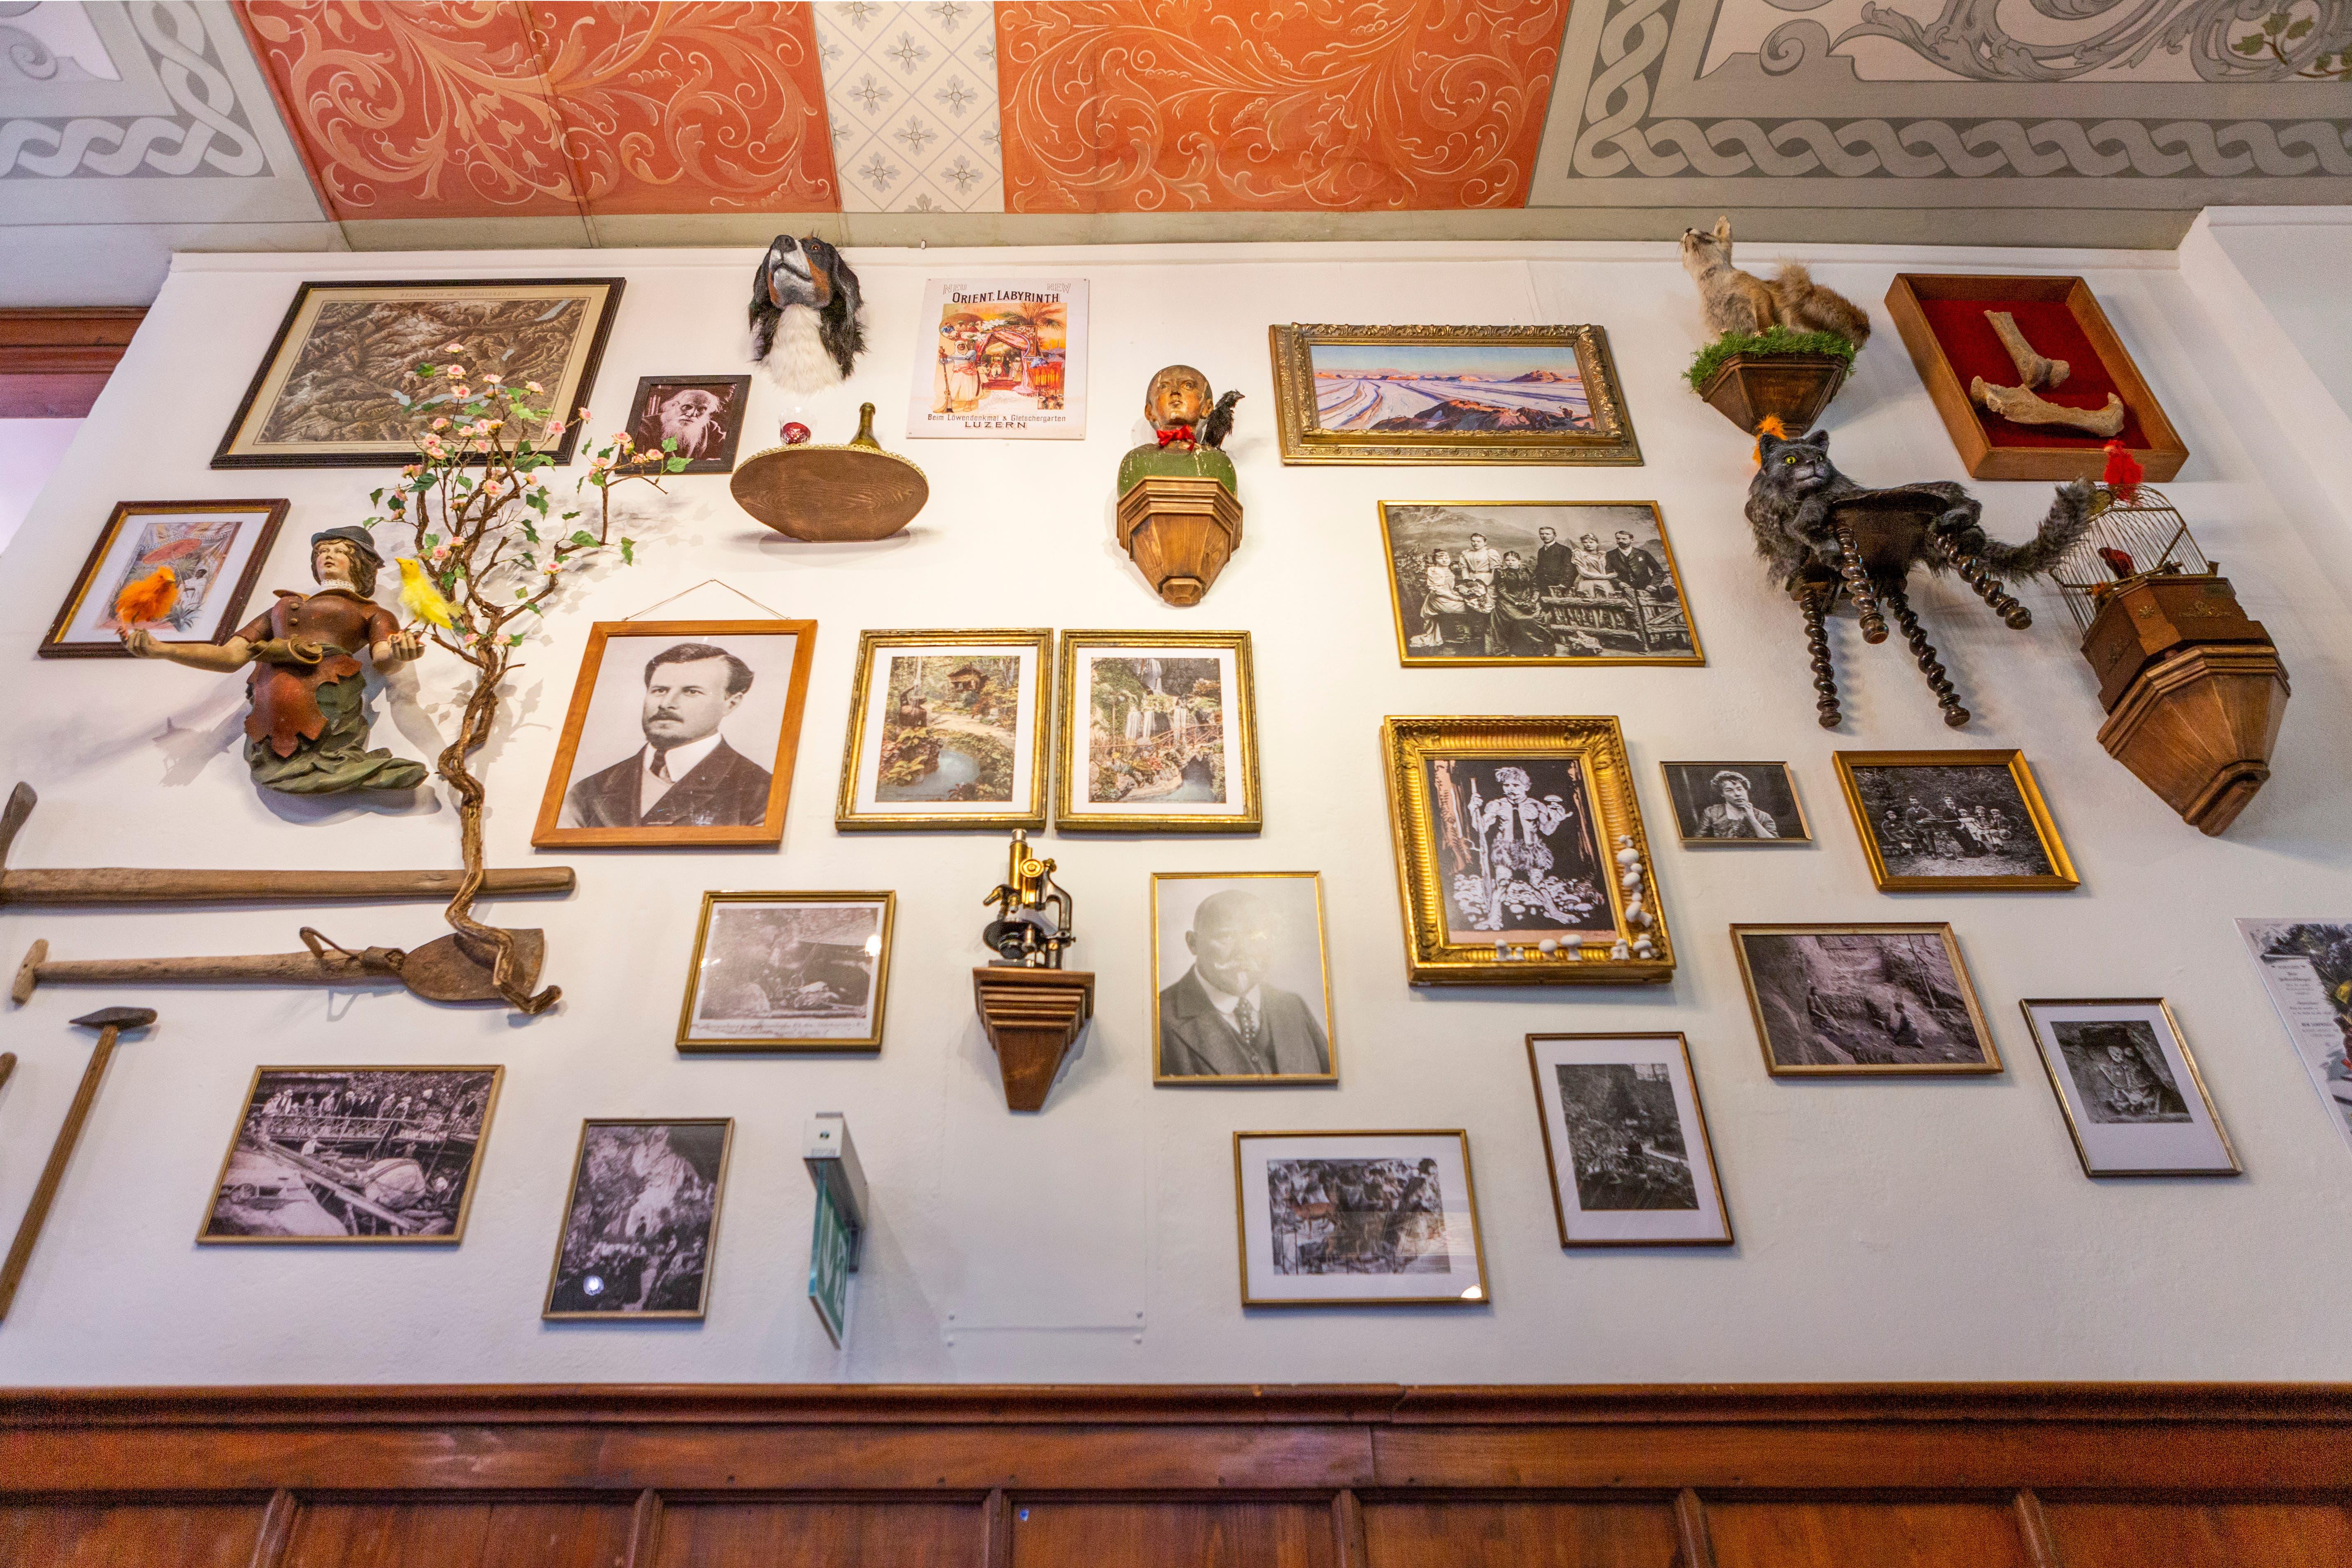 Die Gründerwand im Innern des Schweizerhauses ist voller Persönlichkeiten und Sammelstücke, die den Gletschergarten geprägt haben.